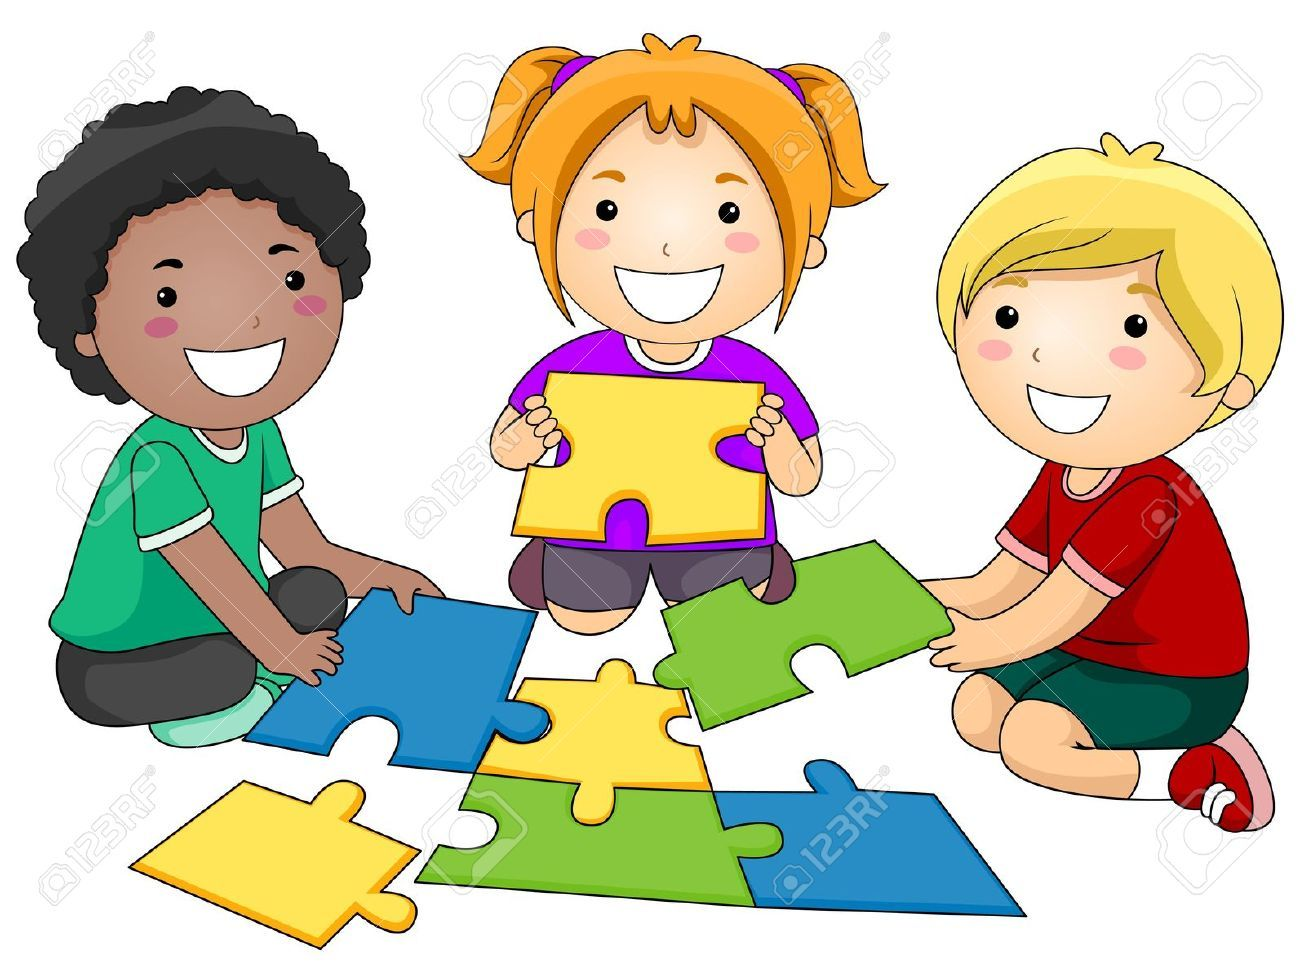 niños jugando - Buscar con Google | Juegos de ayer y de hoy ...